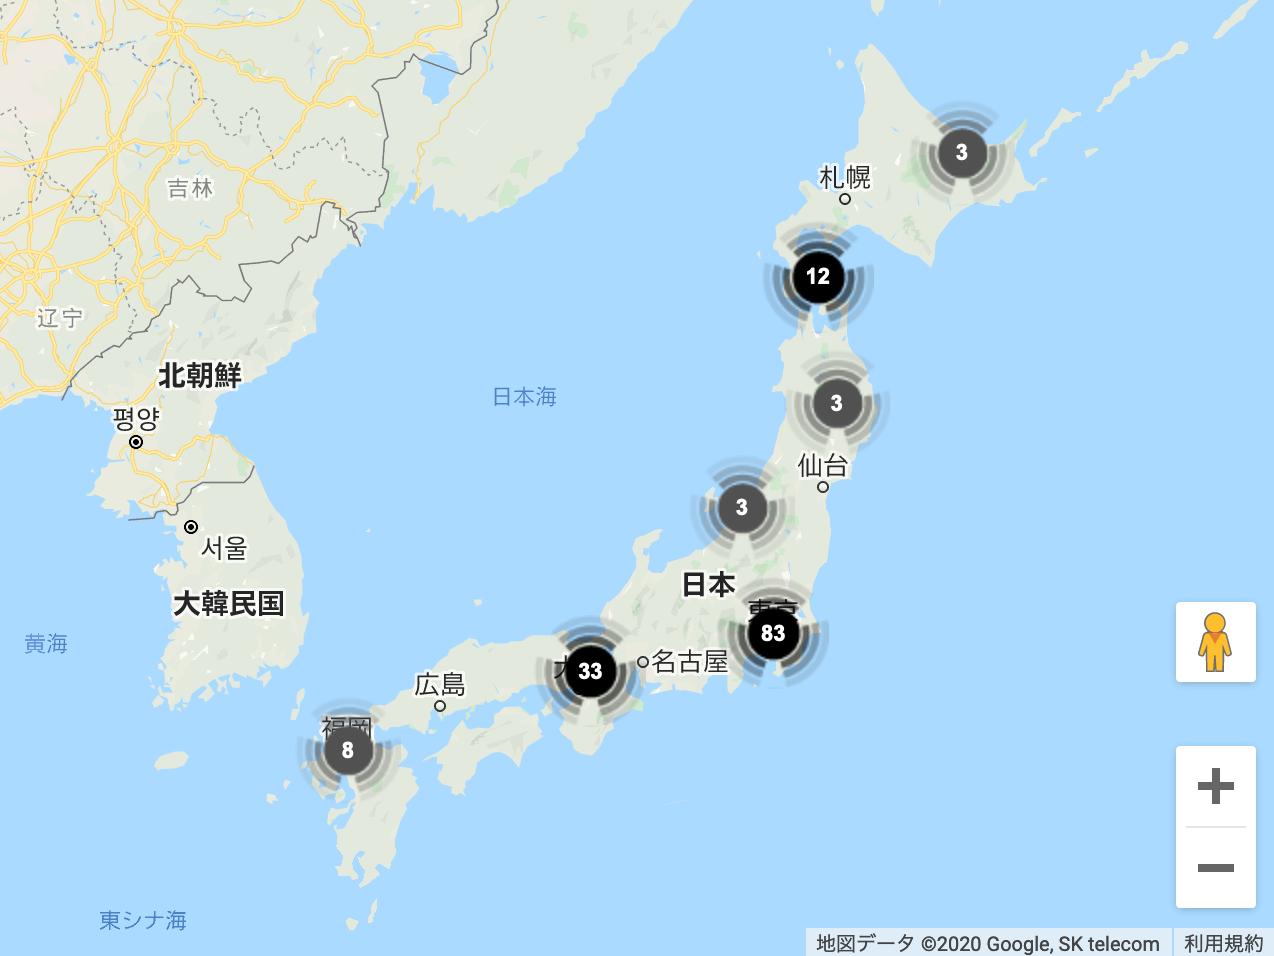 物件エリアポートフォリオマップ